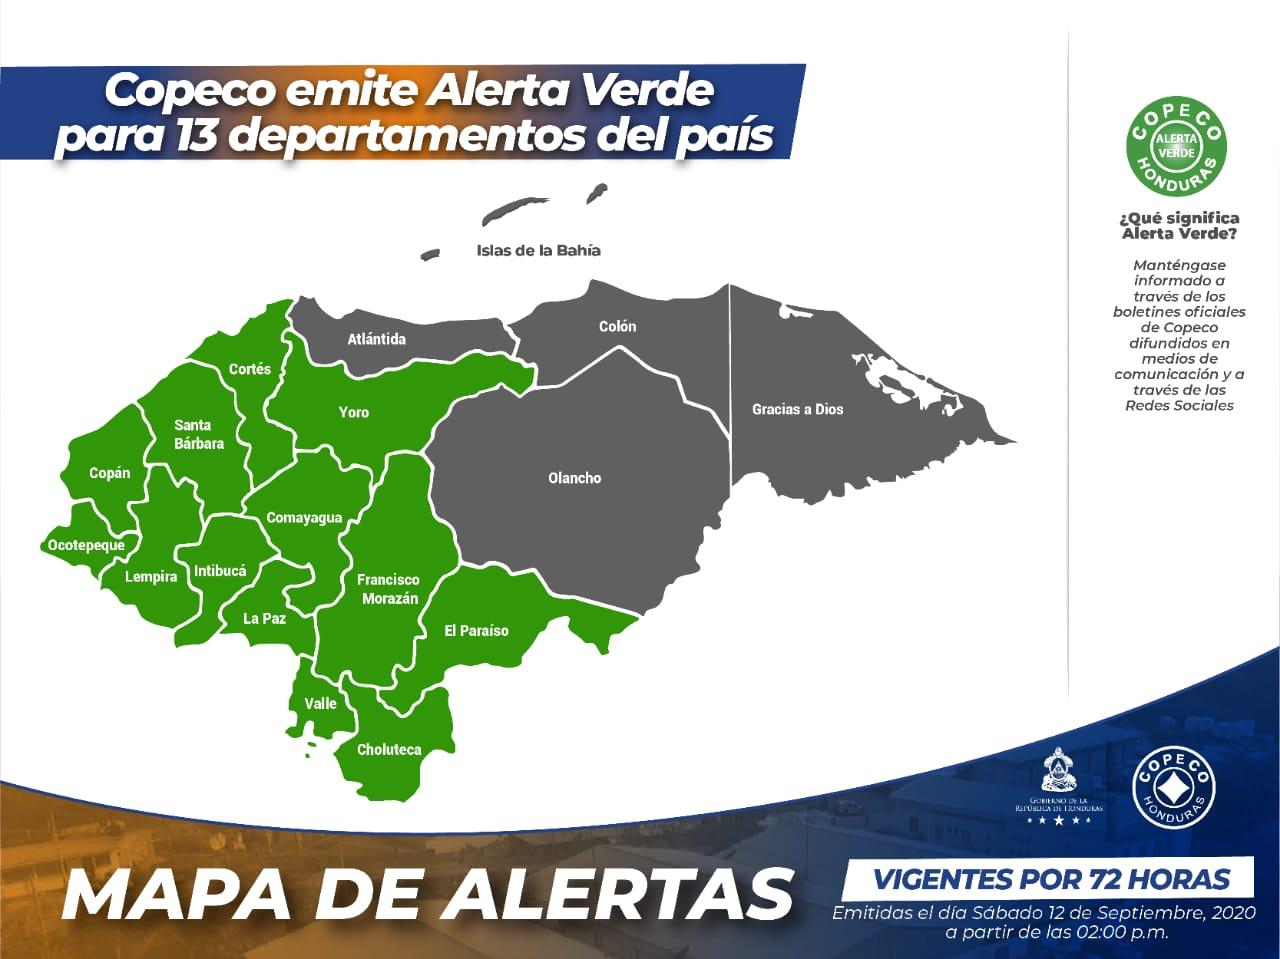 Copeco emite Alerta Verde para 13 departamentos del país